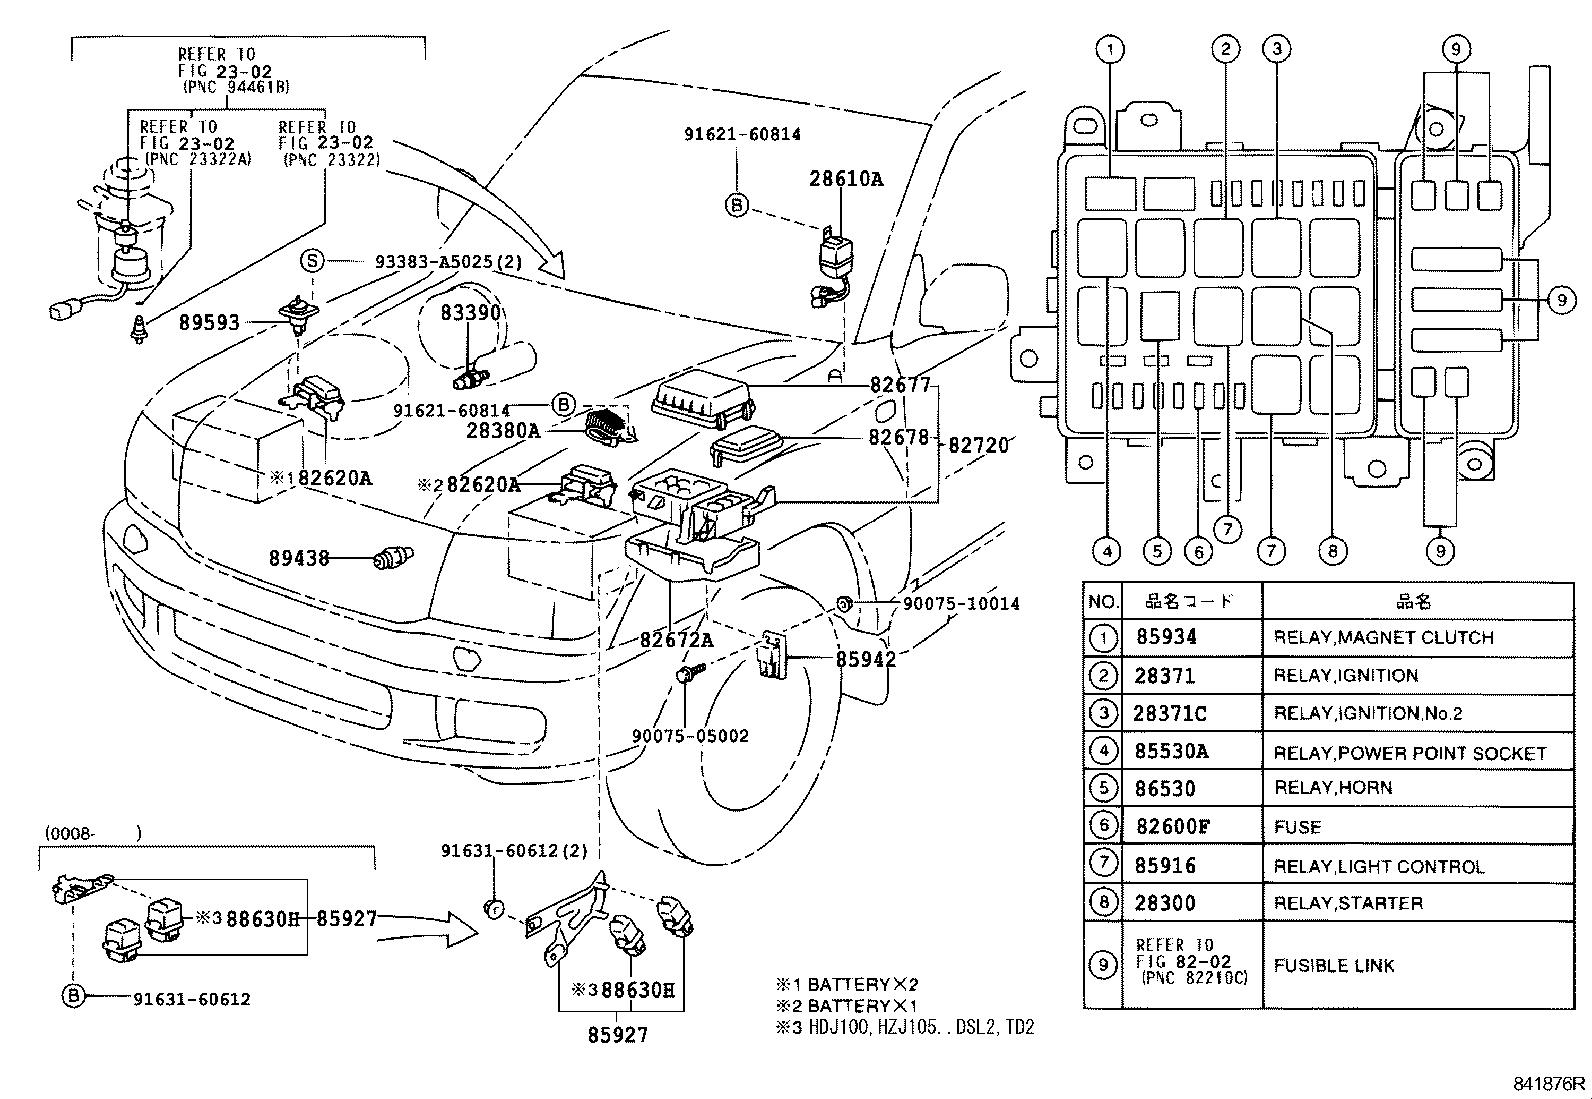 1999 Lexus Lx470 Parts Diagram Information Of Wiring Gx 470 House Symbols U2022 Rh Maxturner Co For Es 350 2013 Gx470 Dimensions